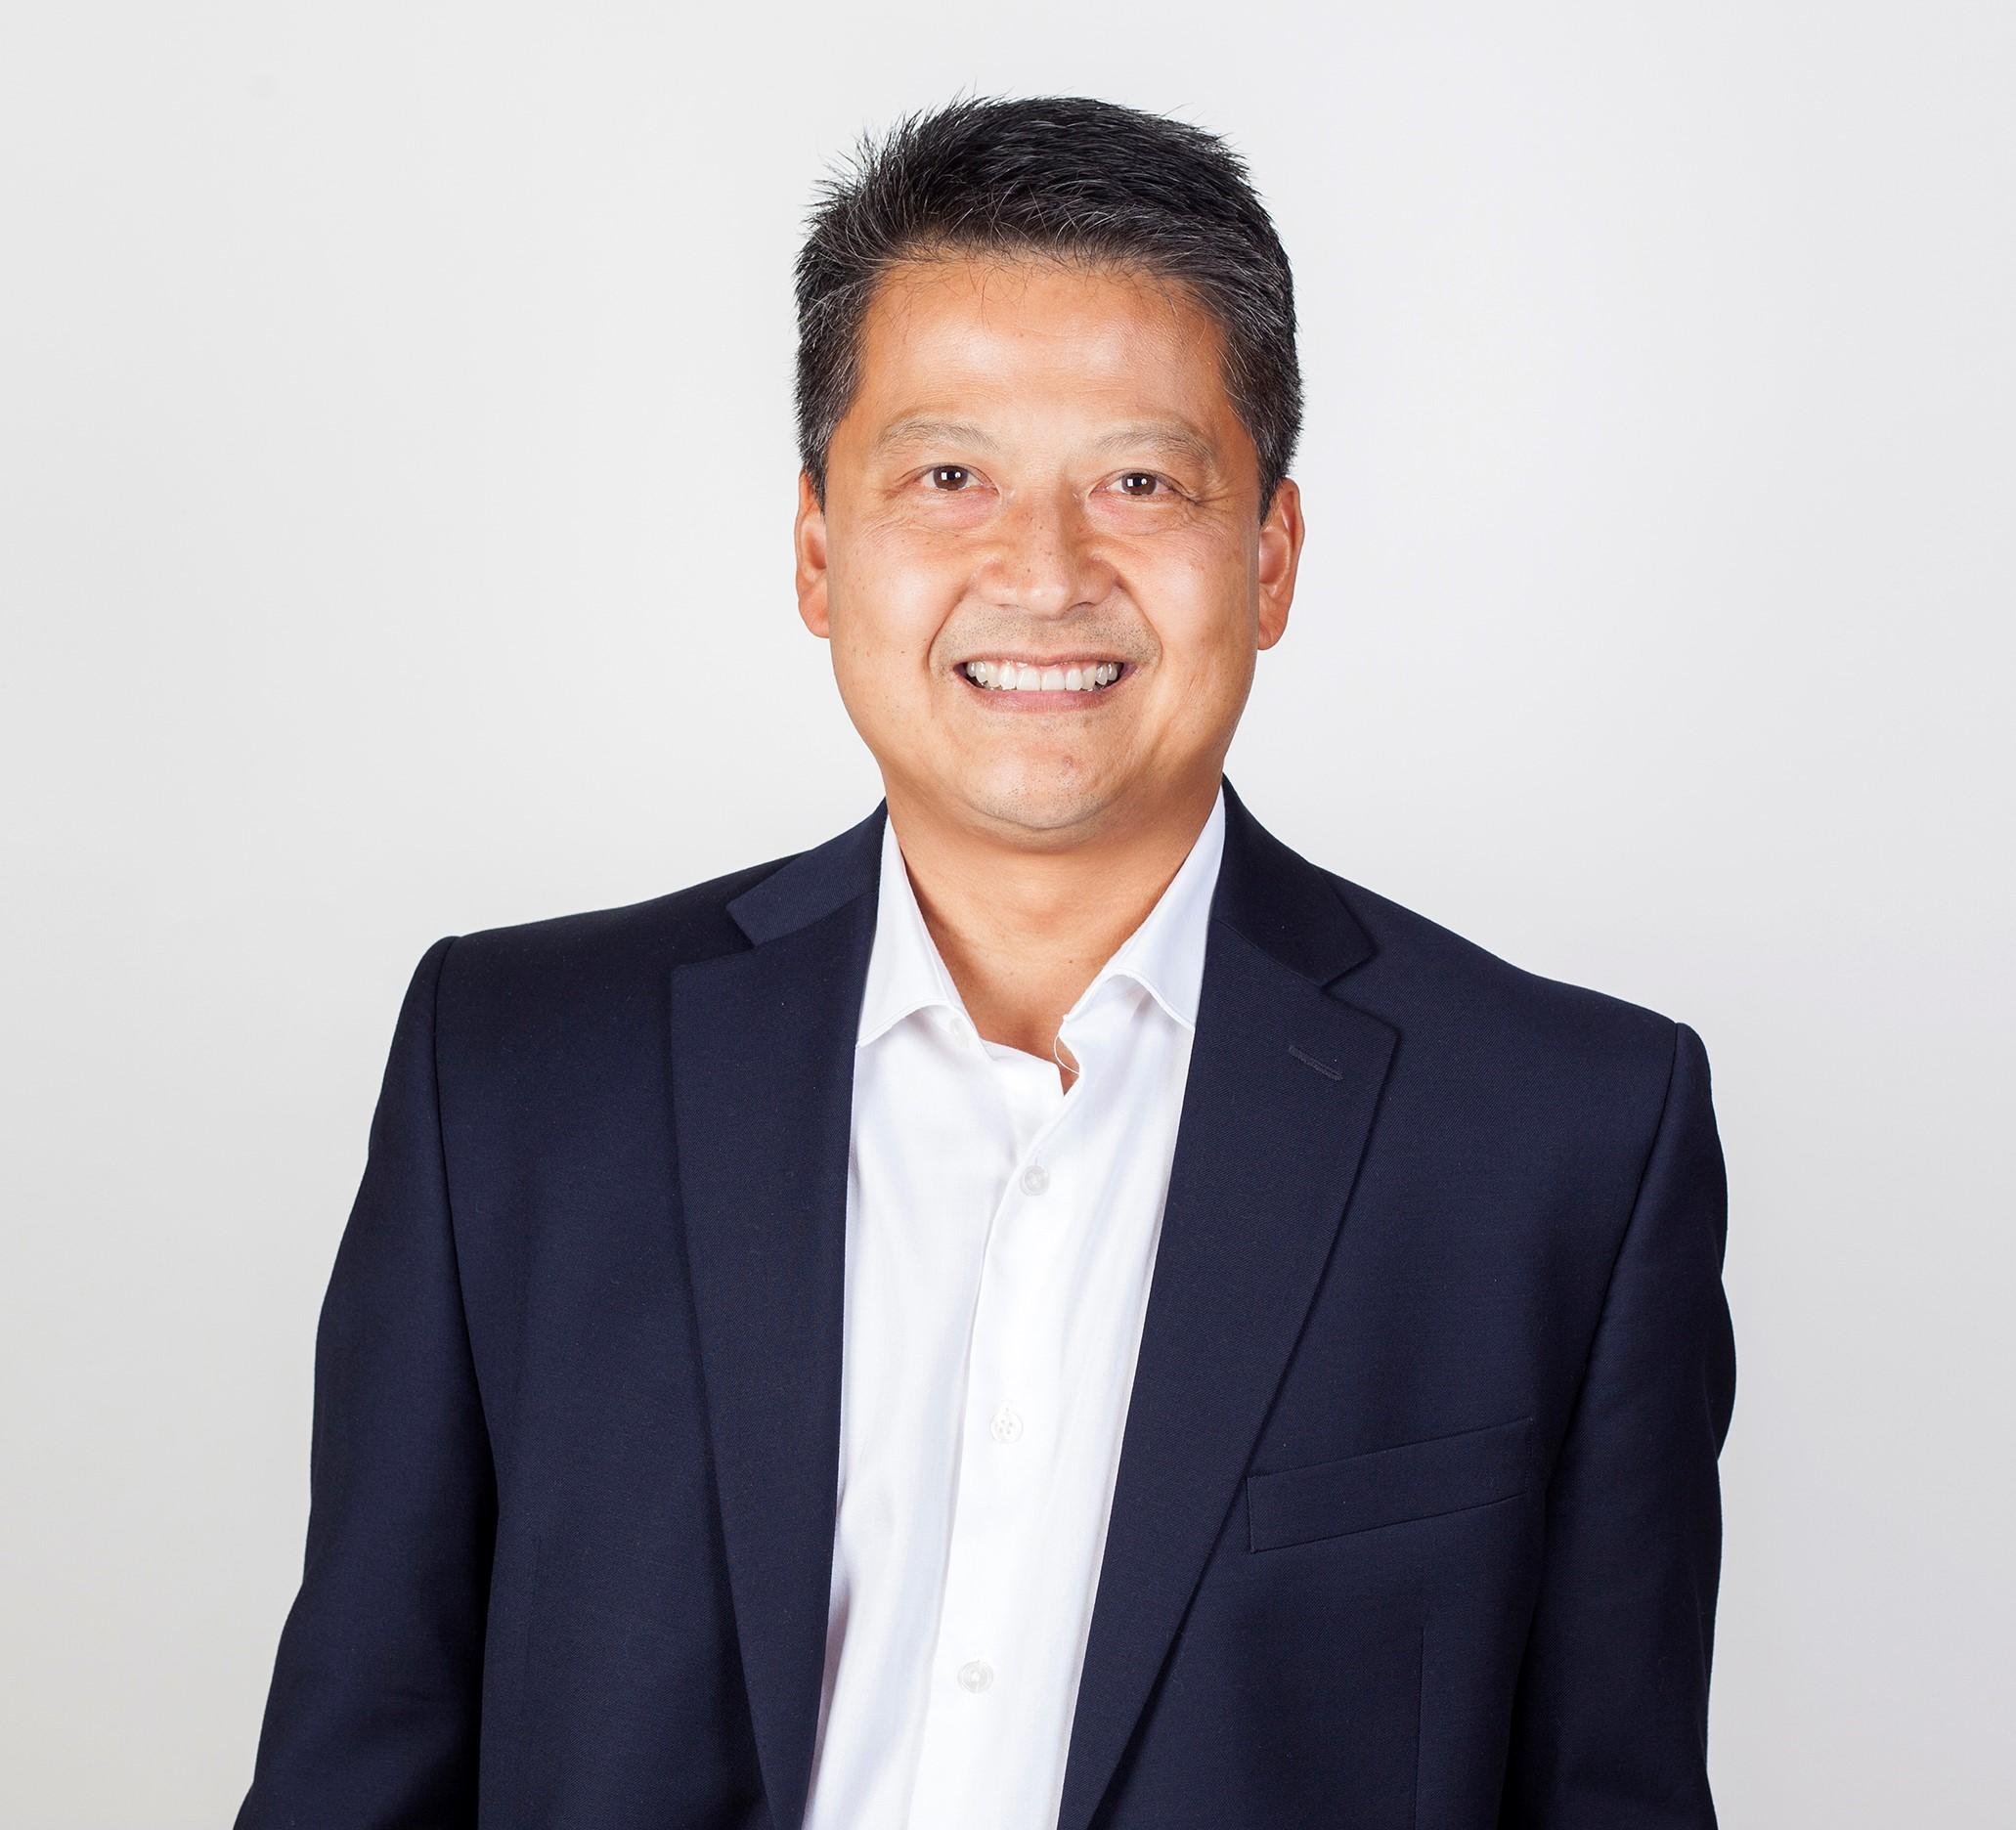 Tommy Lee, VP of Sales at VTech Holdings, Ltd